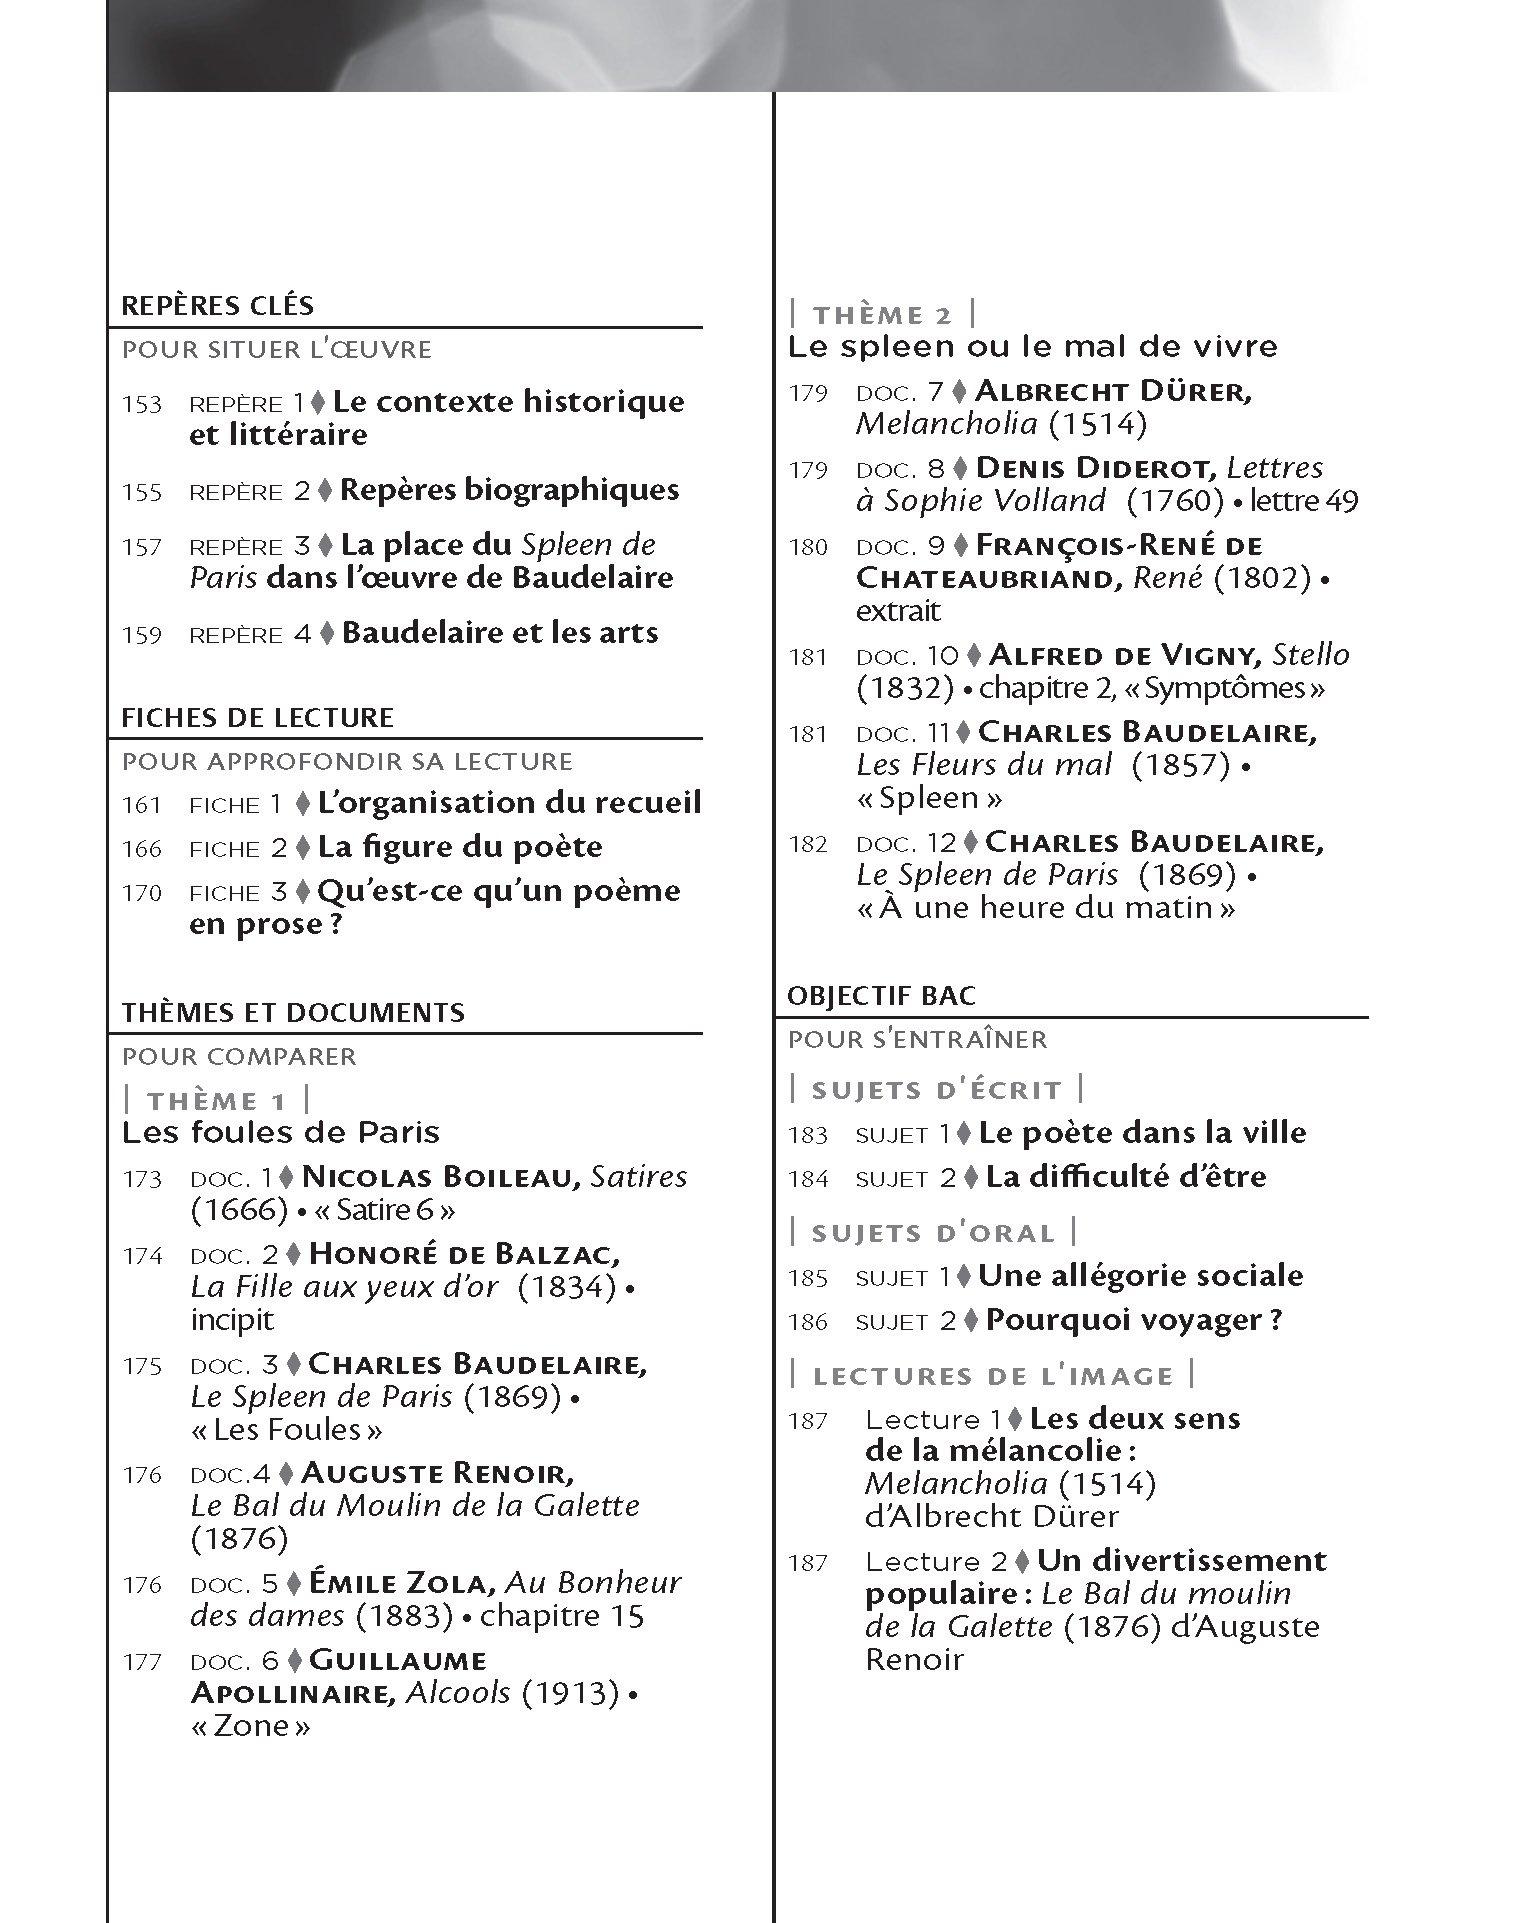 Le spleen de Paris: petits poemes en prose: 9782218966675: Amazon.com: Books